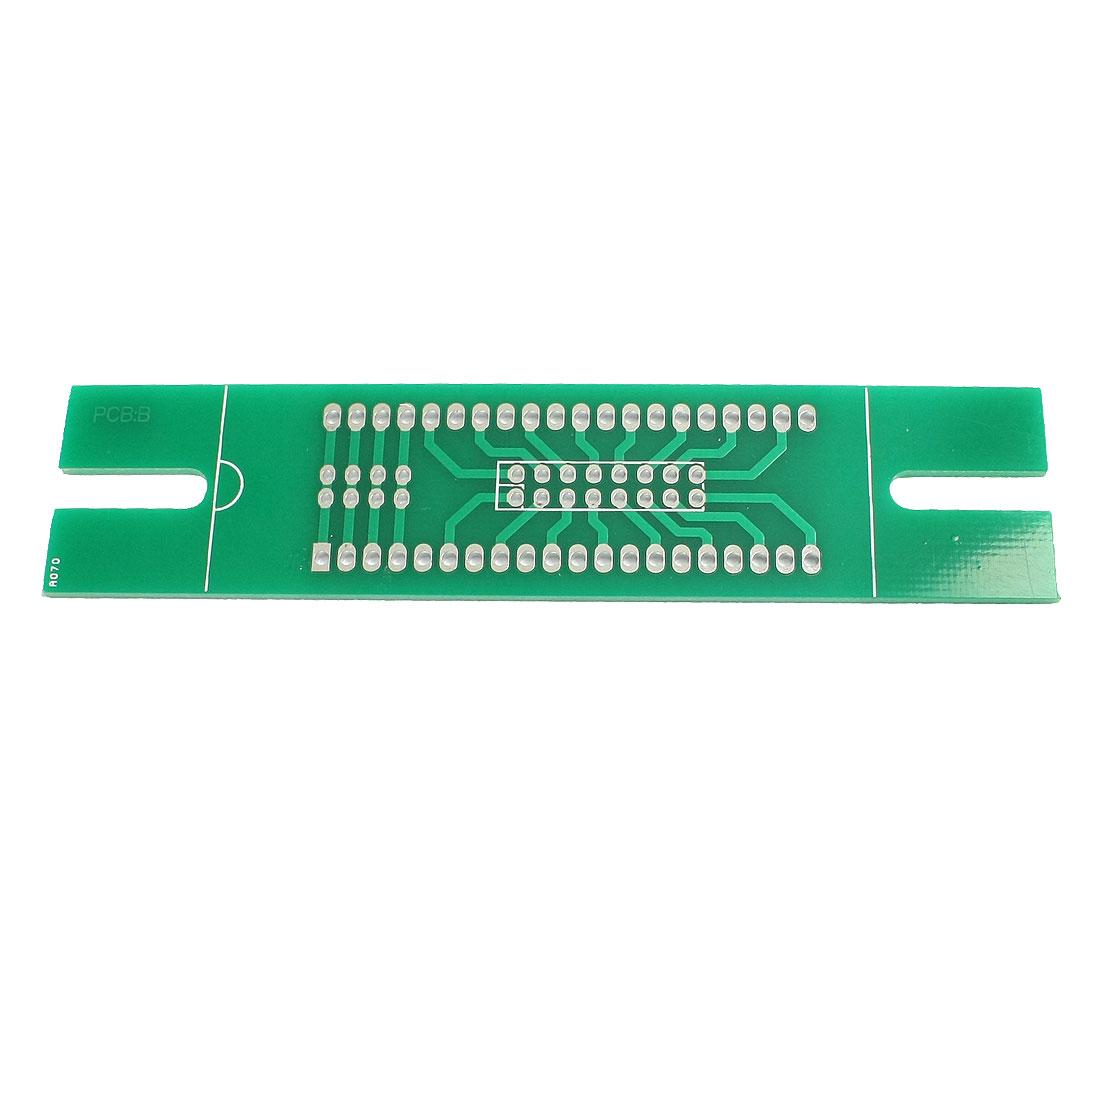 Prototyping Double Side PCB Board Stripboard Green 100x23mm